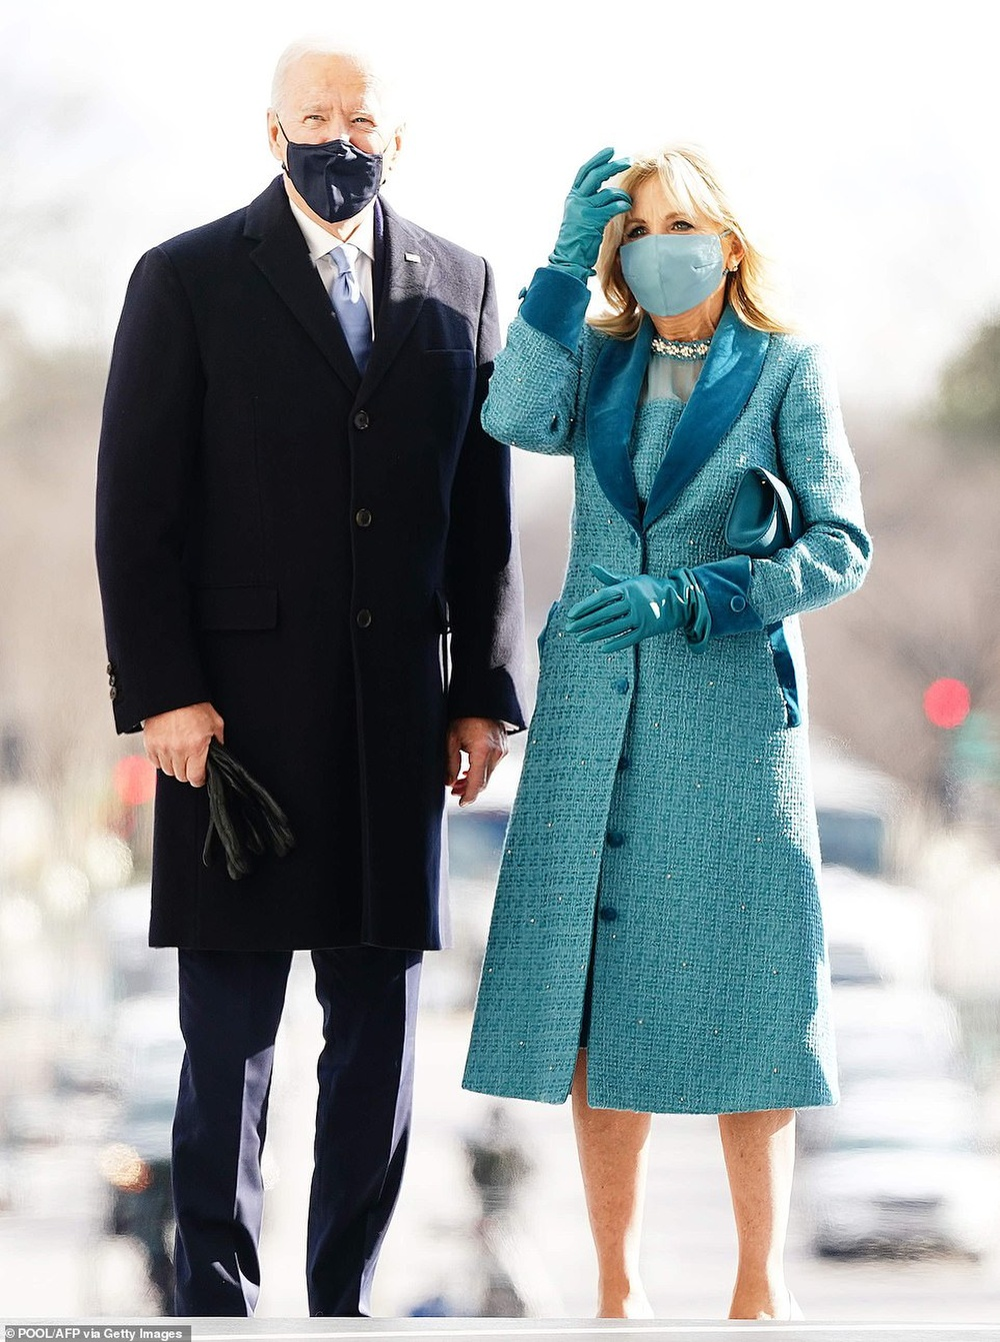 Tân Đệ nhất phu nhân Mỹ Jill Biden và Melania Trump 'so kè' trang phục cực gắt tại lễ nhậm chức Ảnh 1